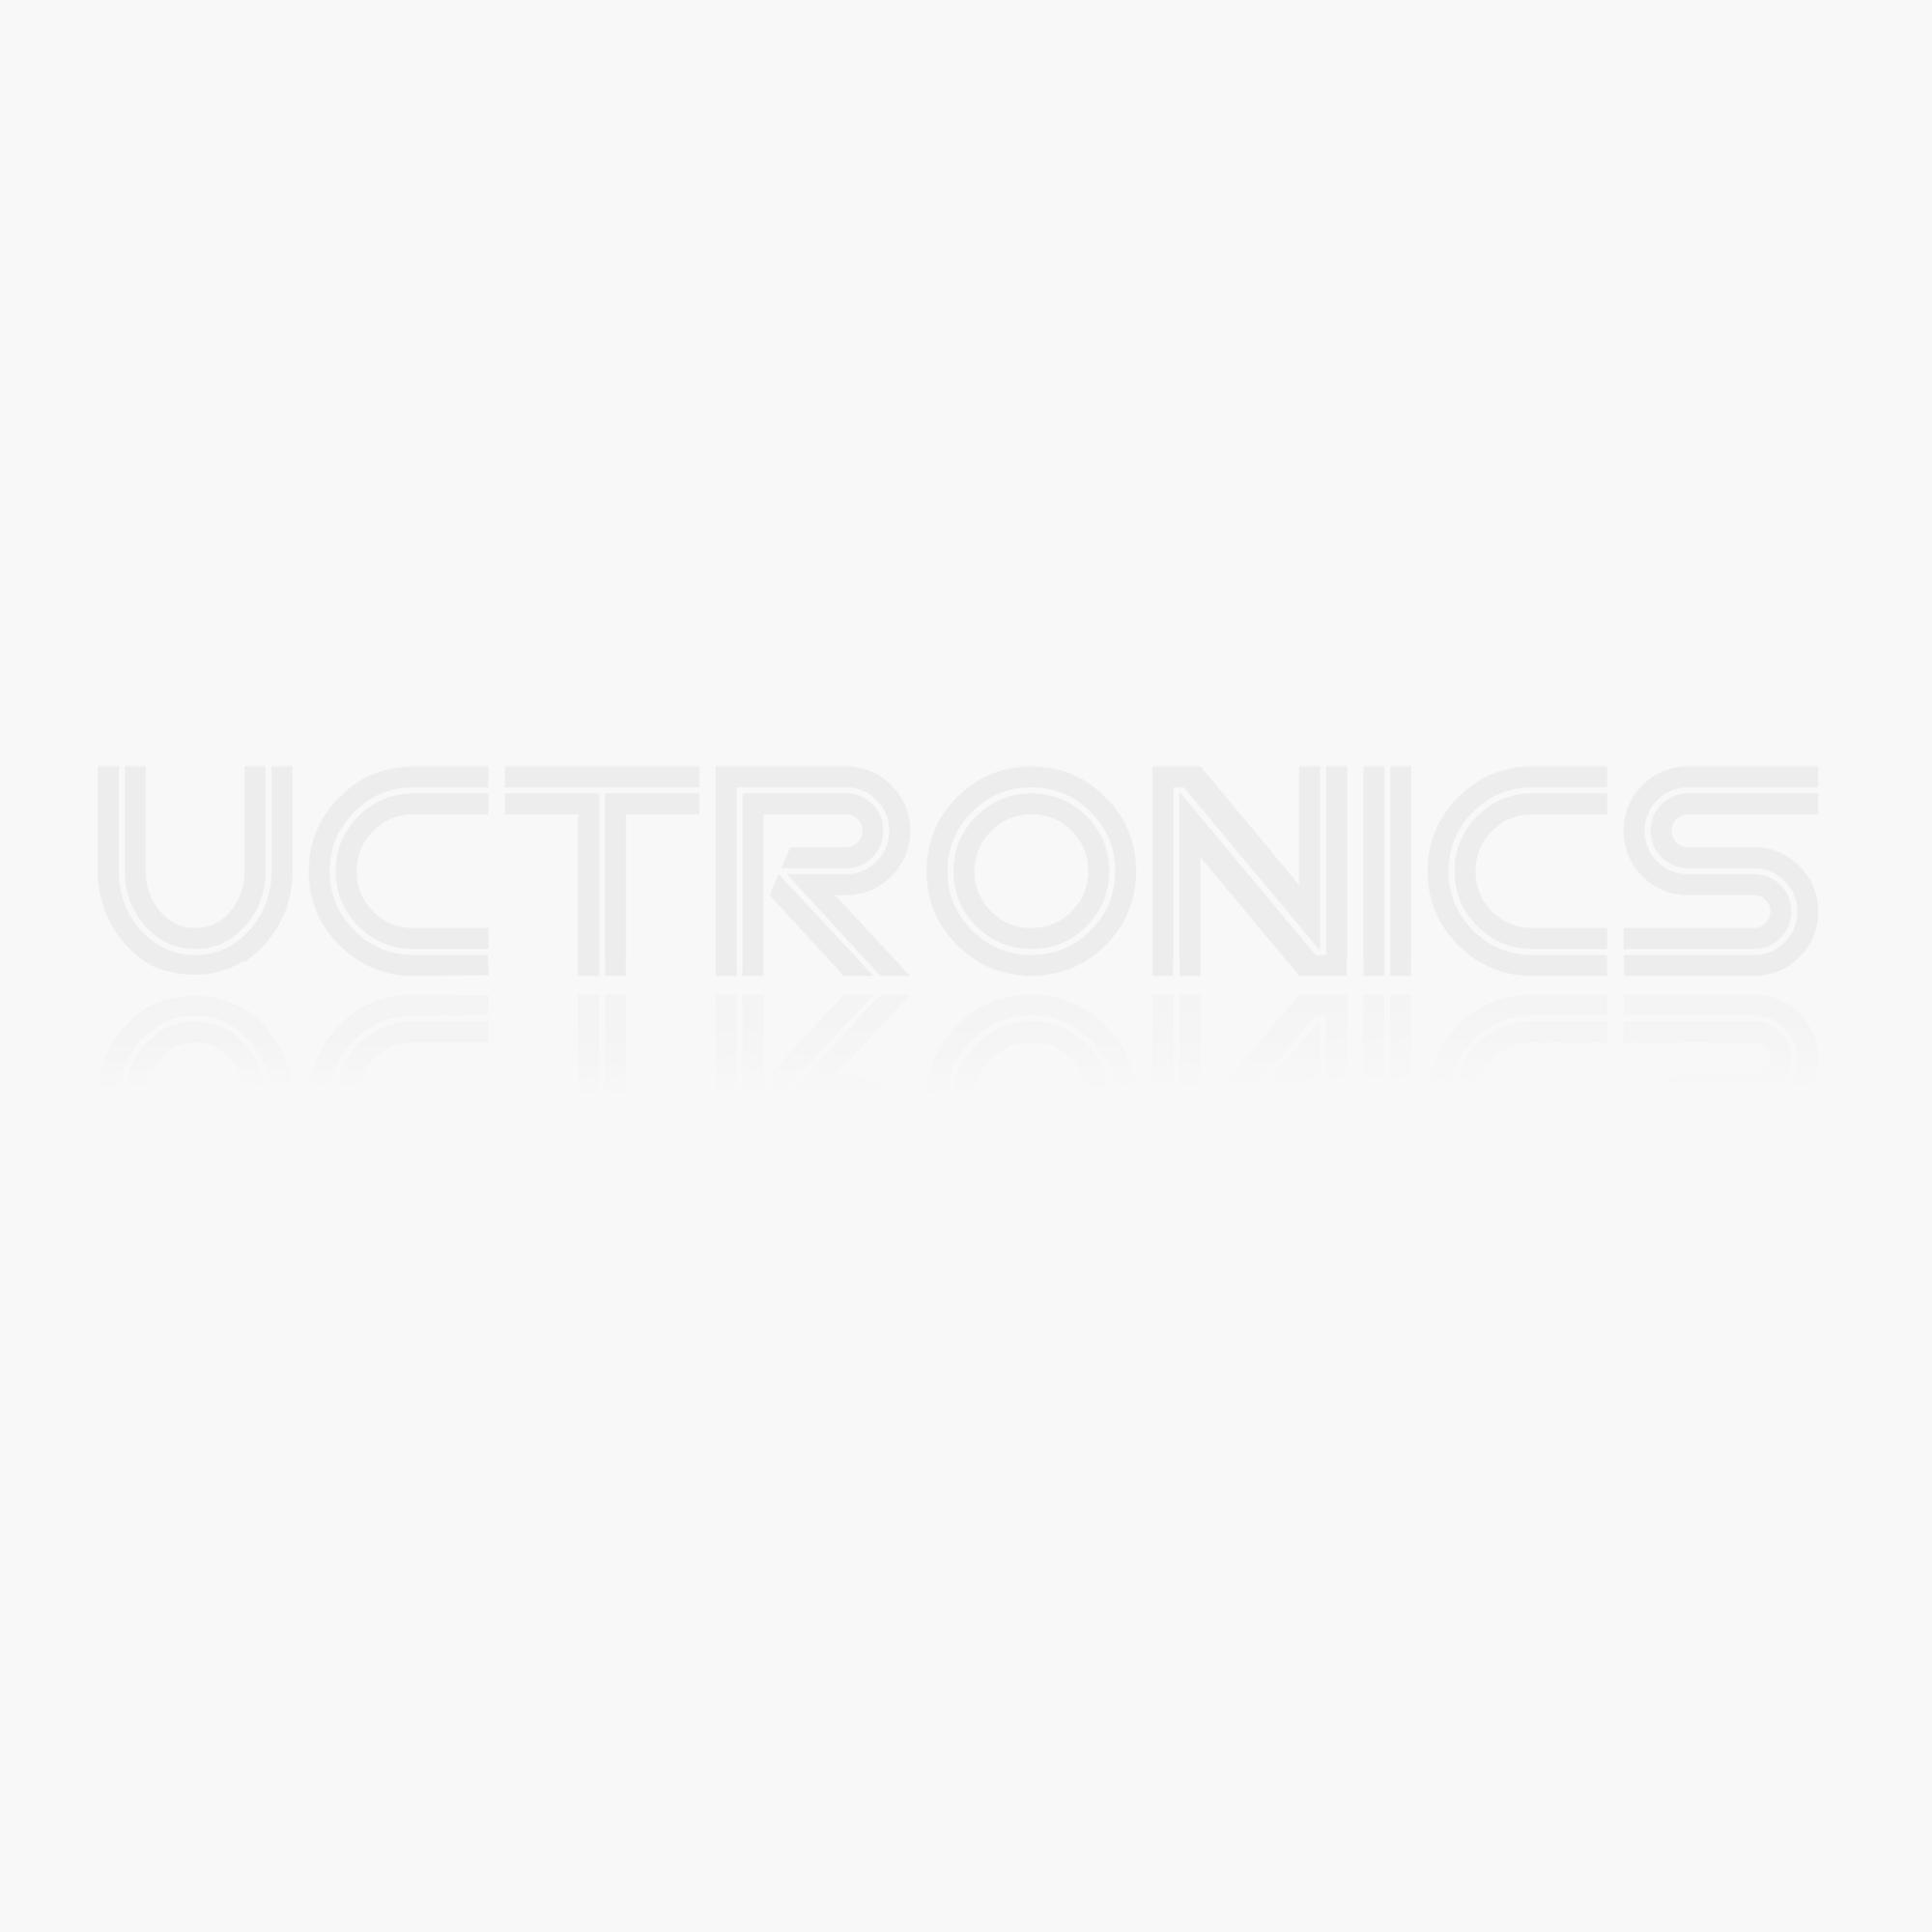 HX1838 Infrared receiver control module